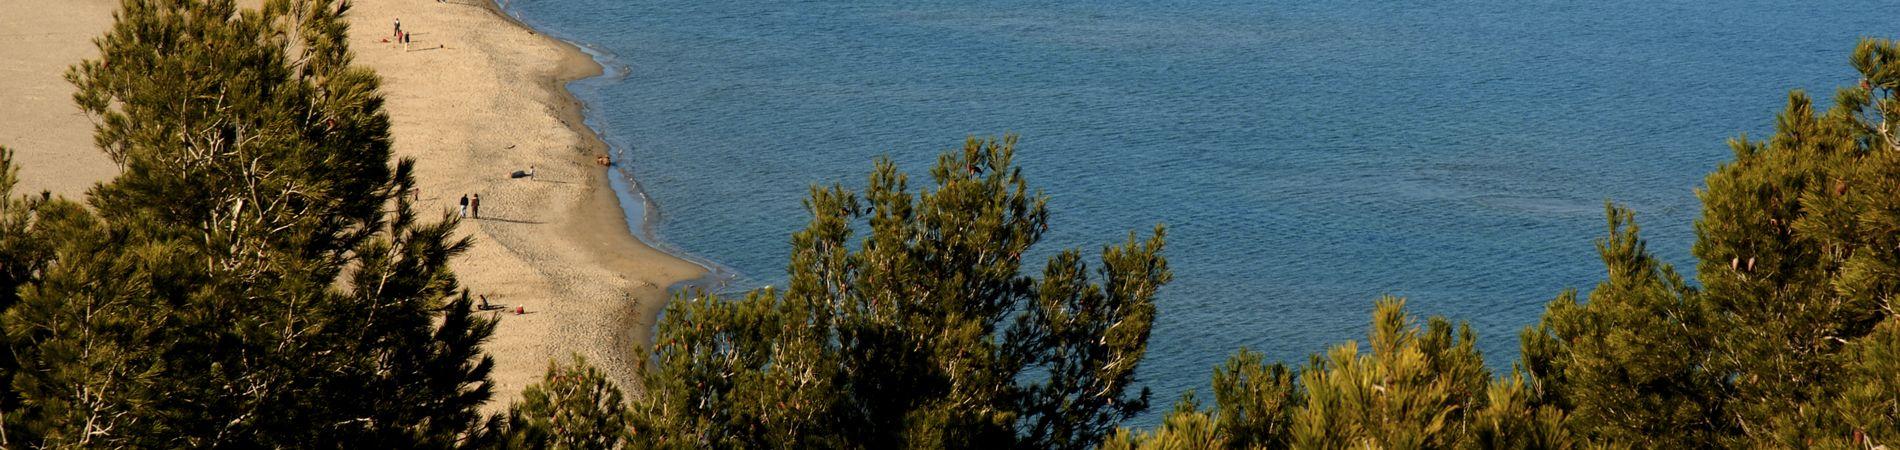 El litoral de la Grand Narbonne